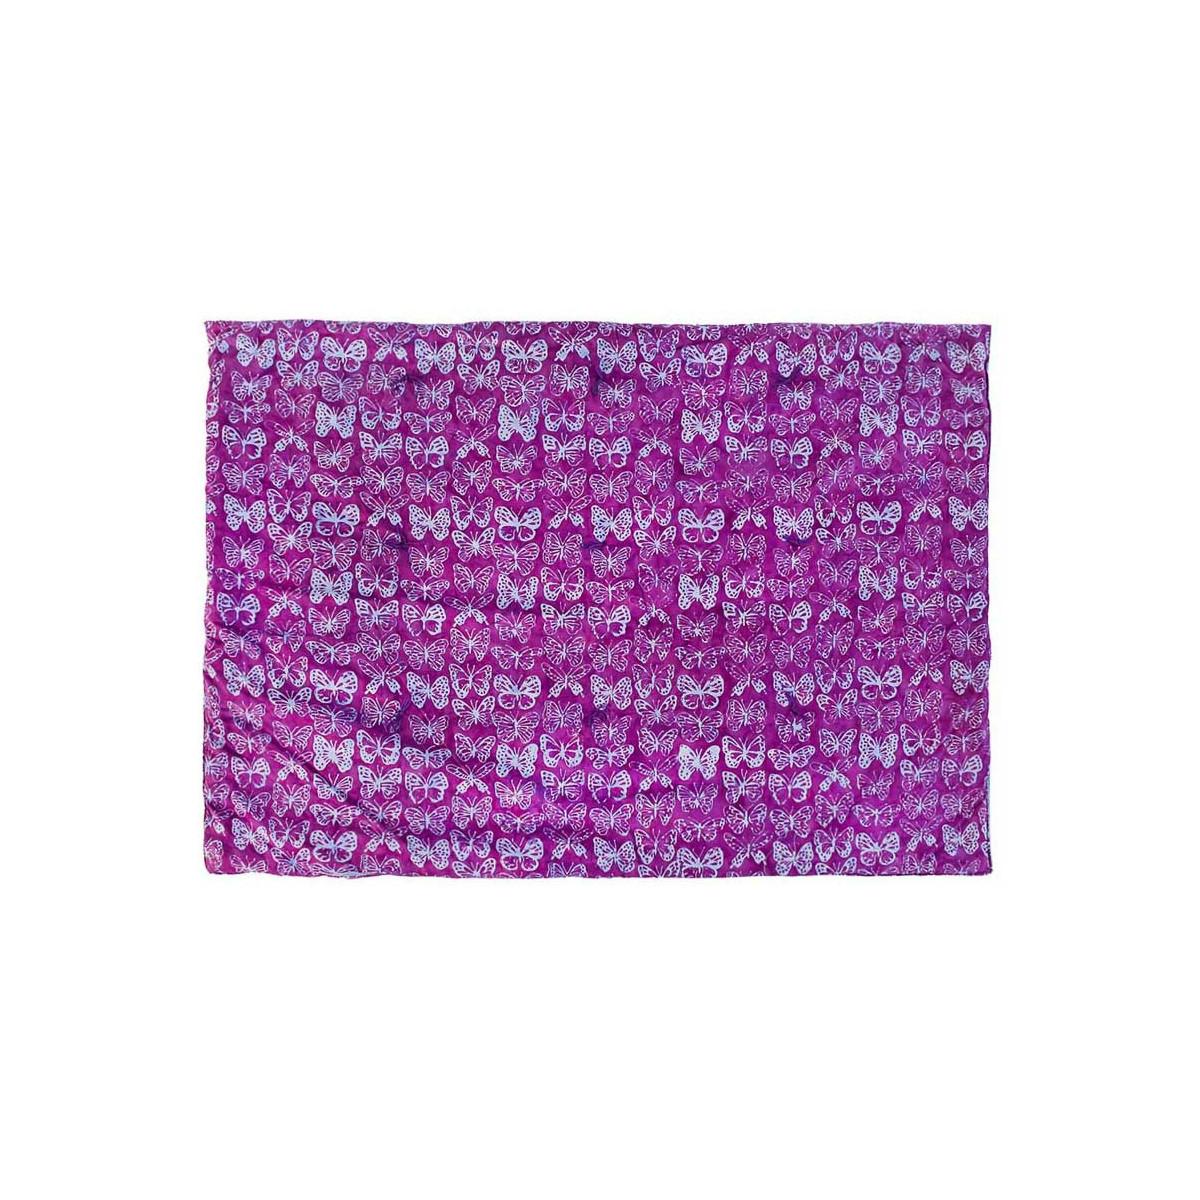 Plaid couverture coton gauffré papillons violets